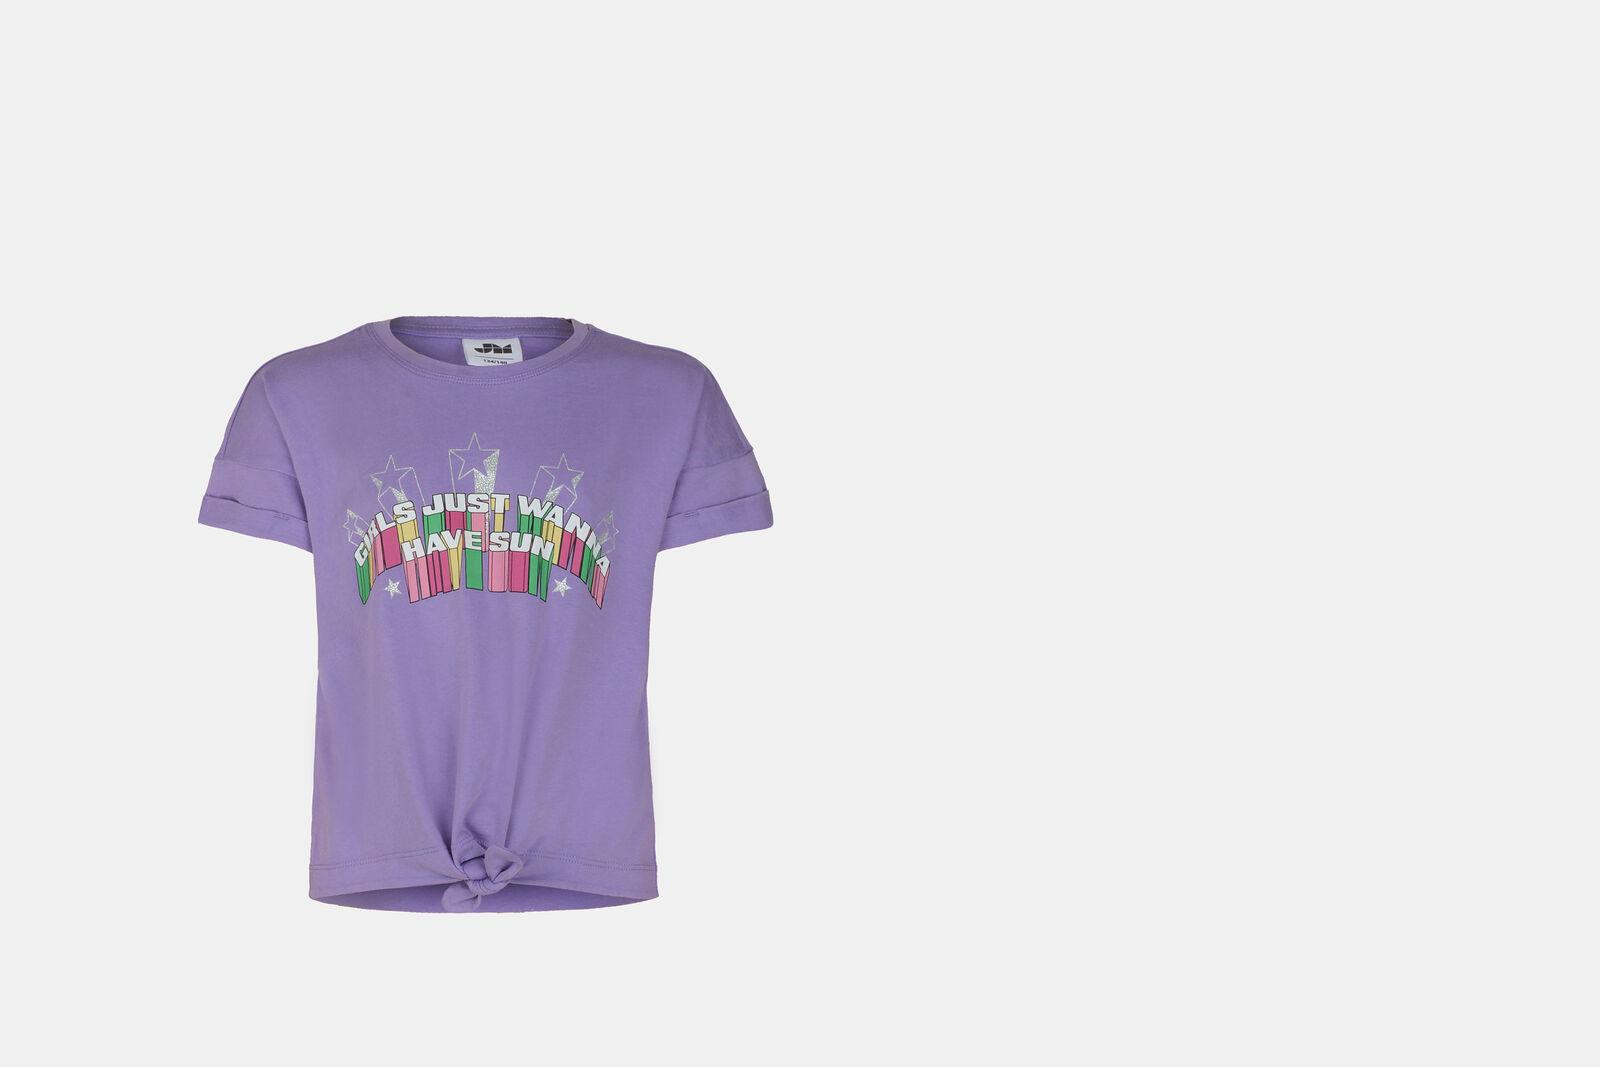 Krista T-shirt